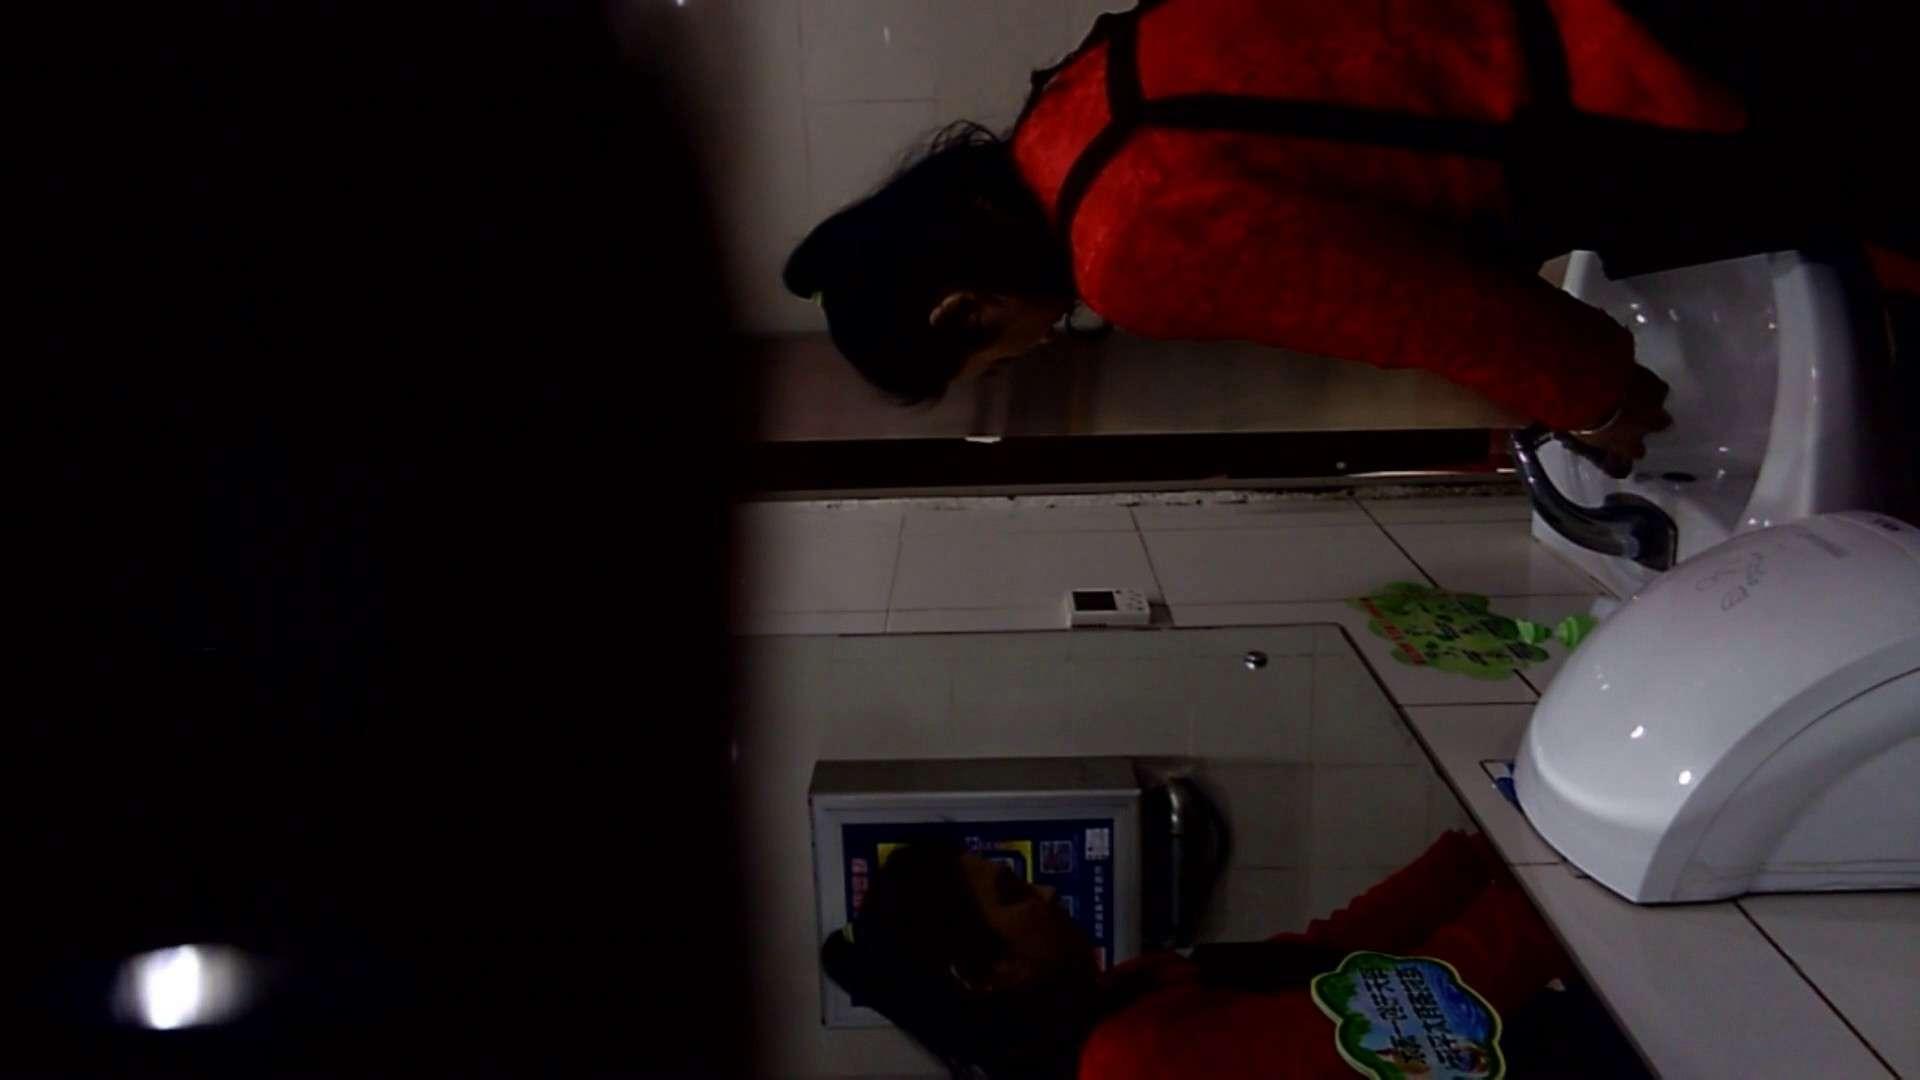 芸術大学ガチ潜入盗撮 JD盗撮 美女の洗面所の秘密 Vol.105 高画質動画 AV無料動画キャプチャ 90画像 79